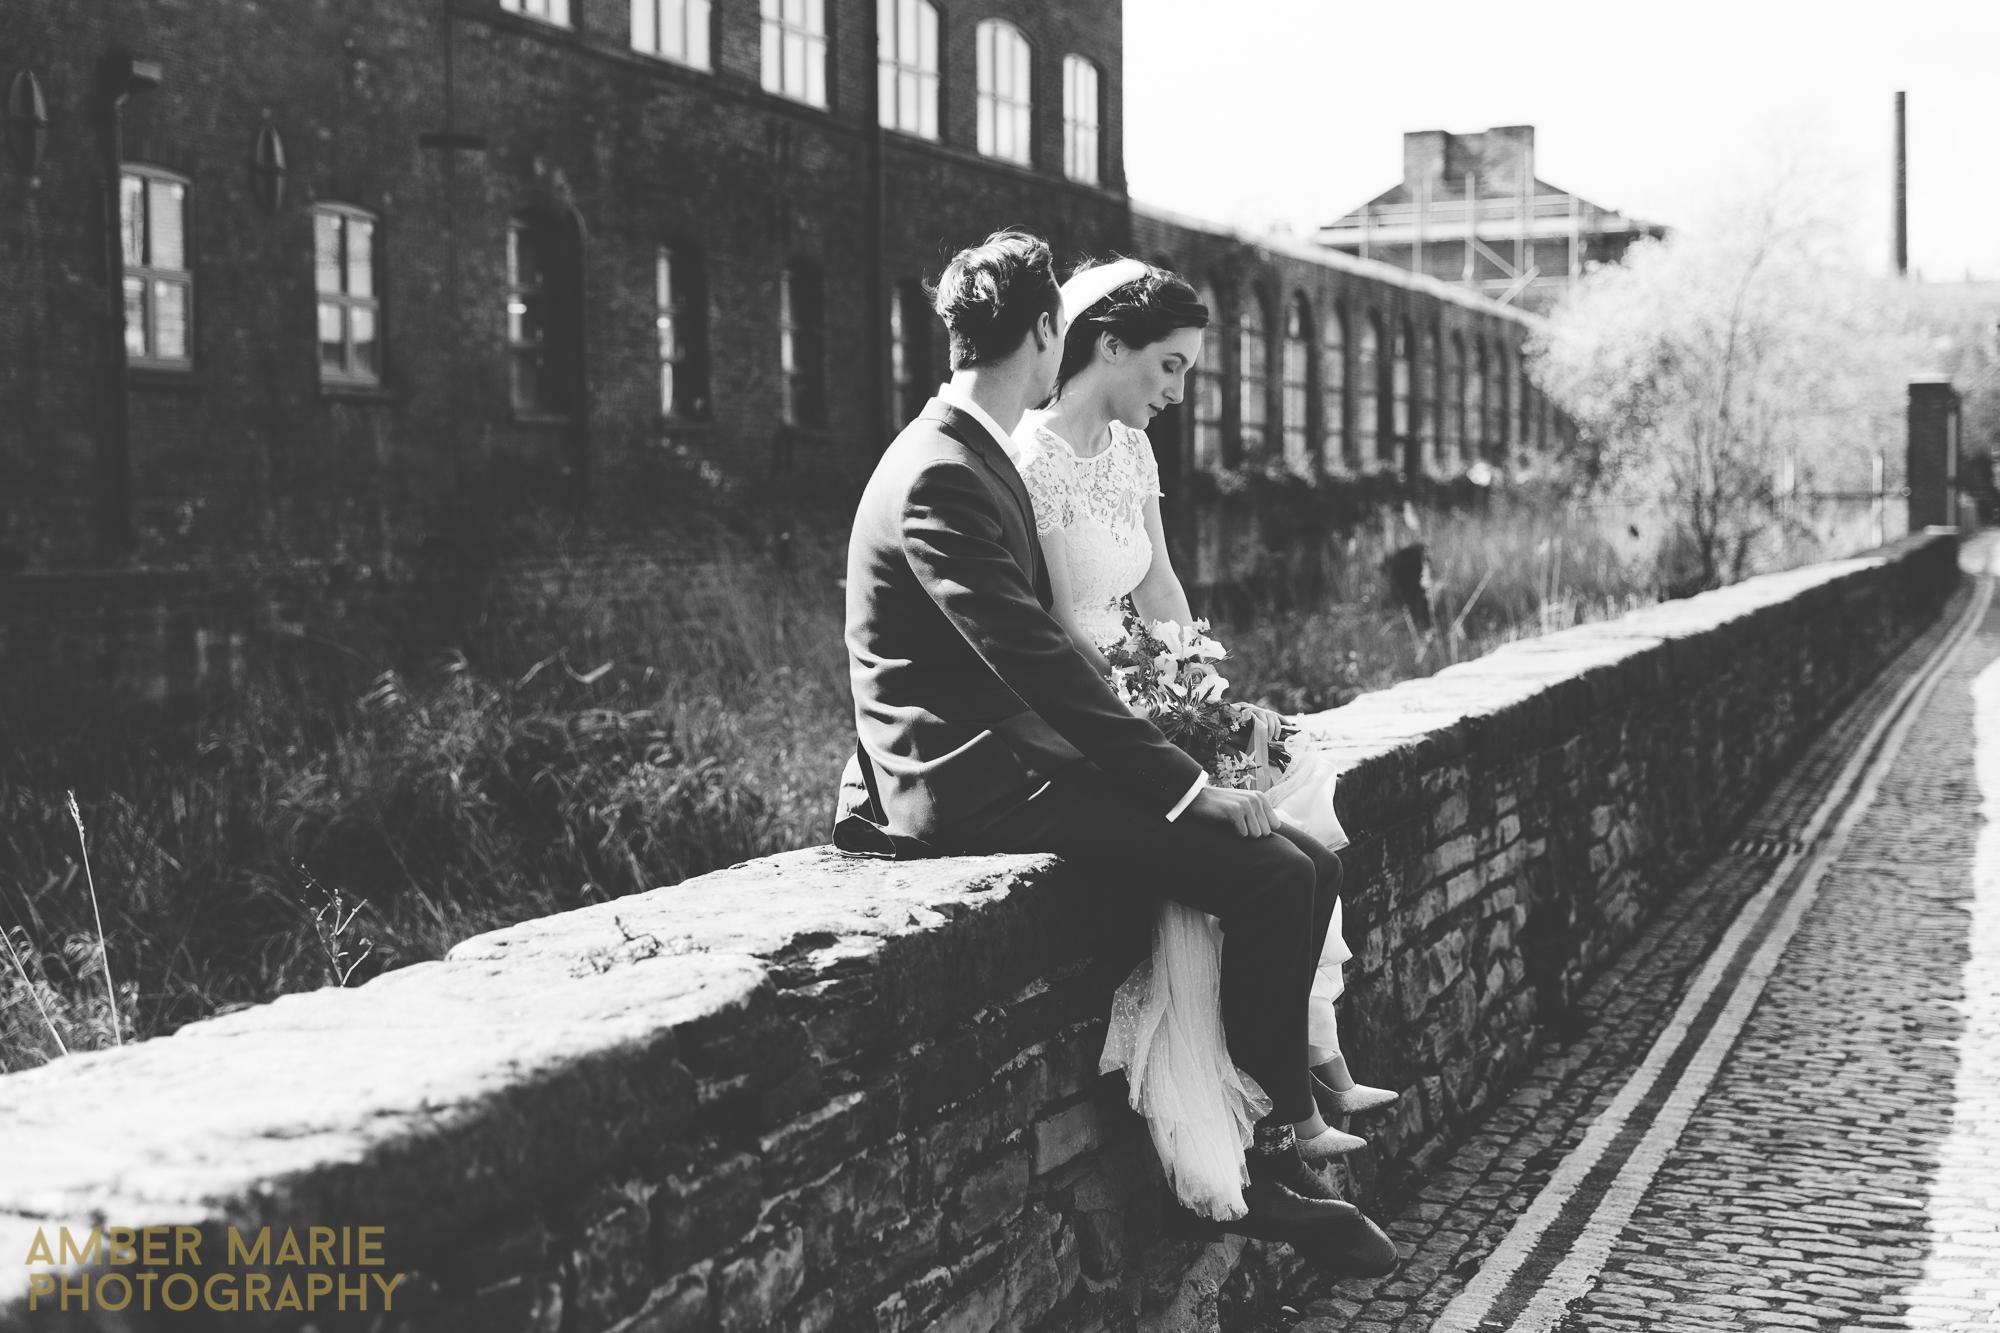 creative wedding photographers leeds